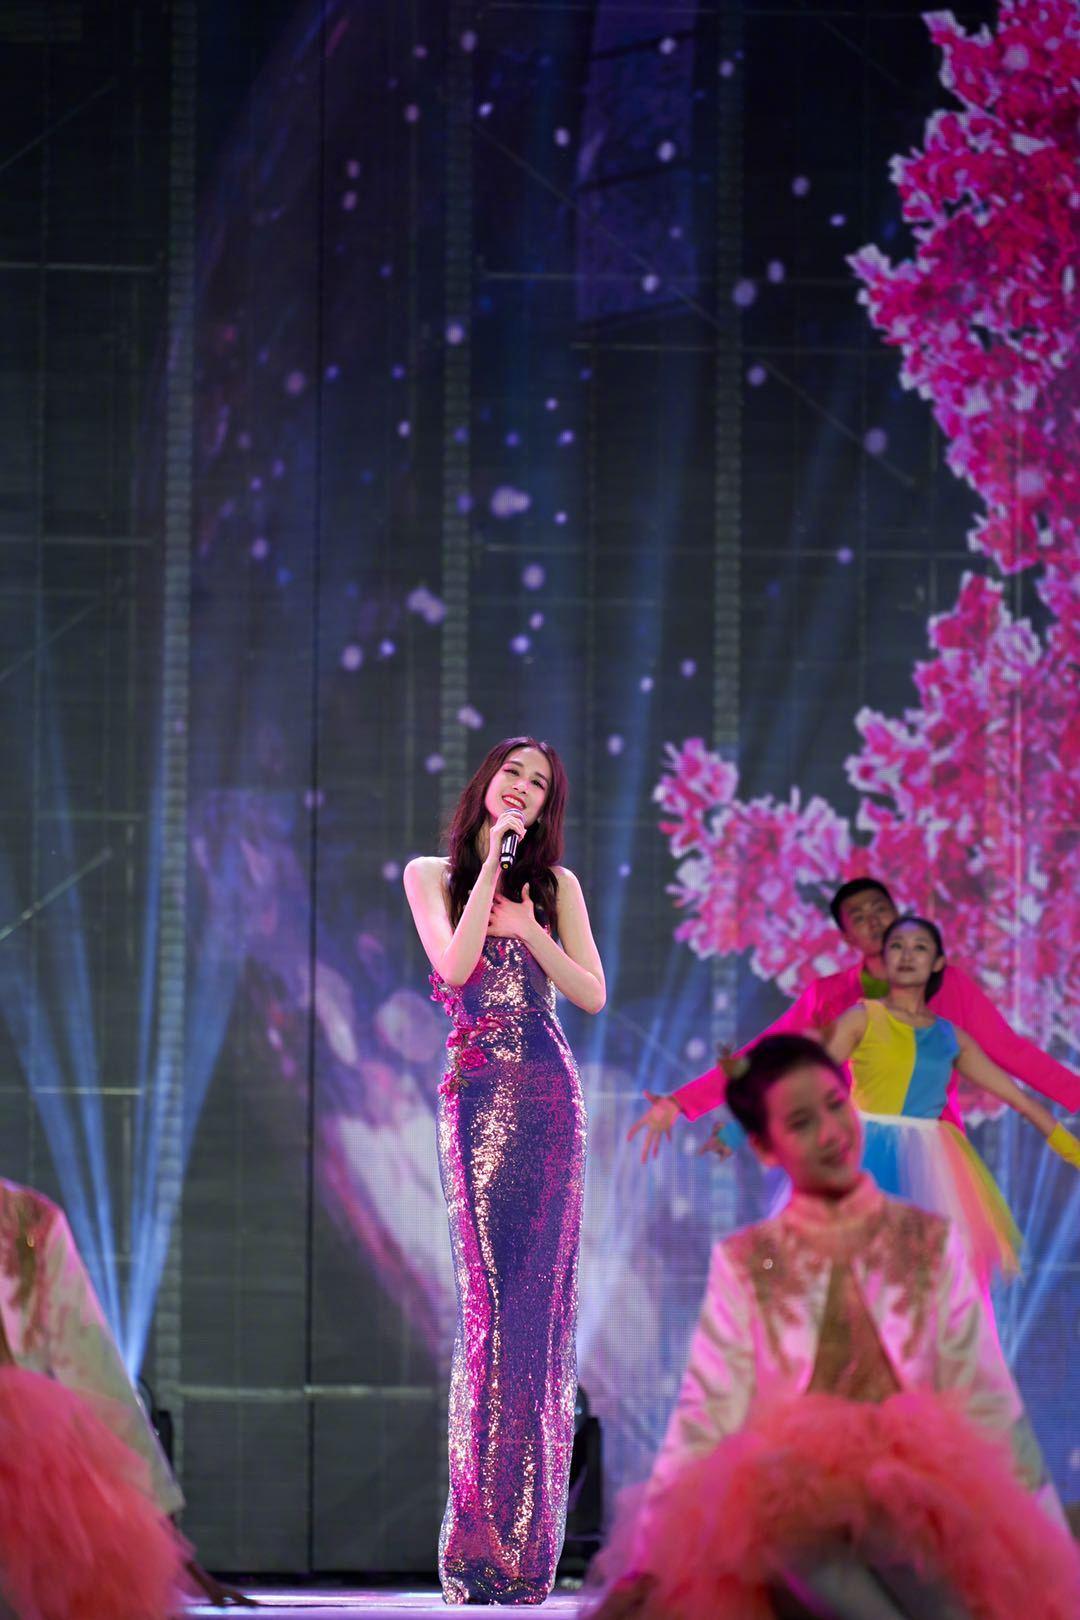 黄圣依 长春电影节造型曝光,穿人鱼姬亮片长裙,好像美人鱼!